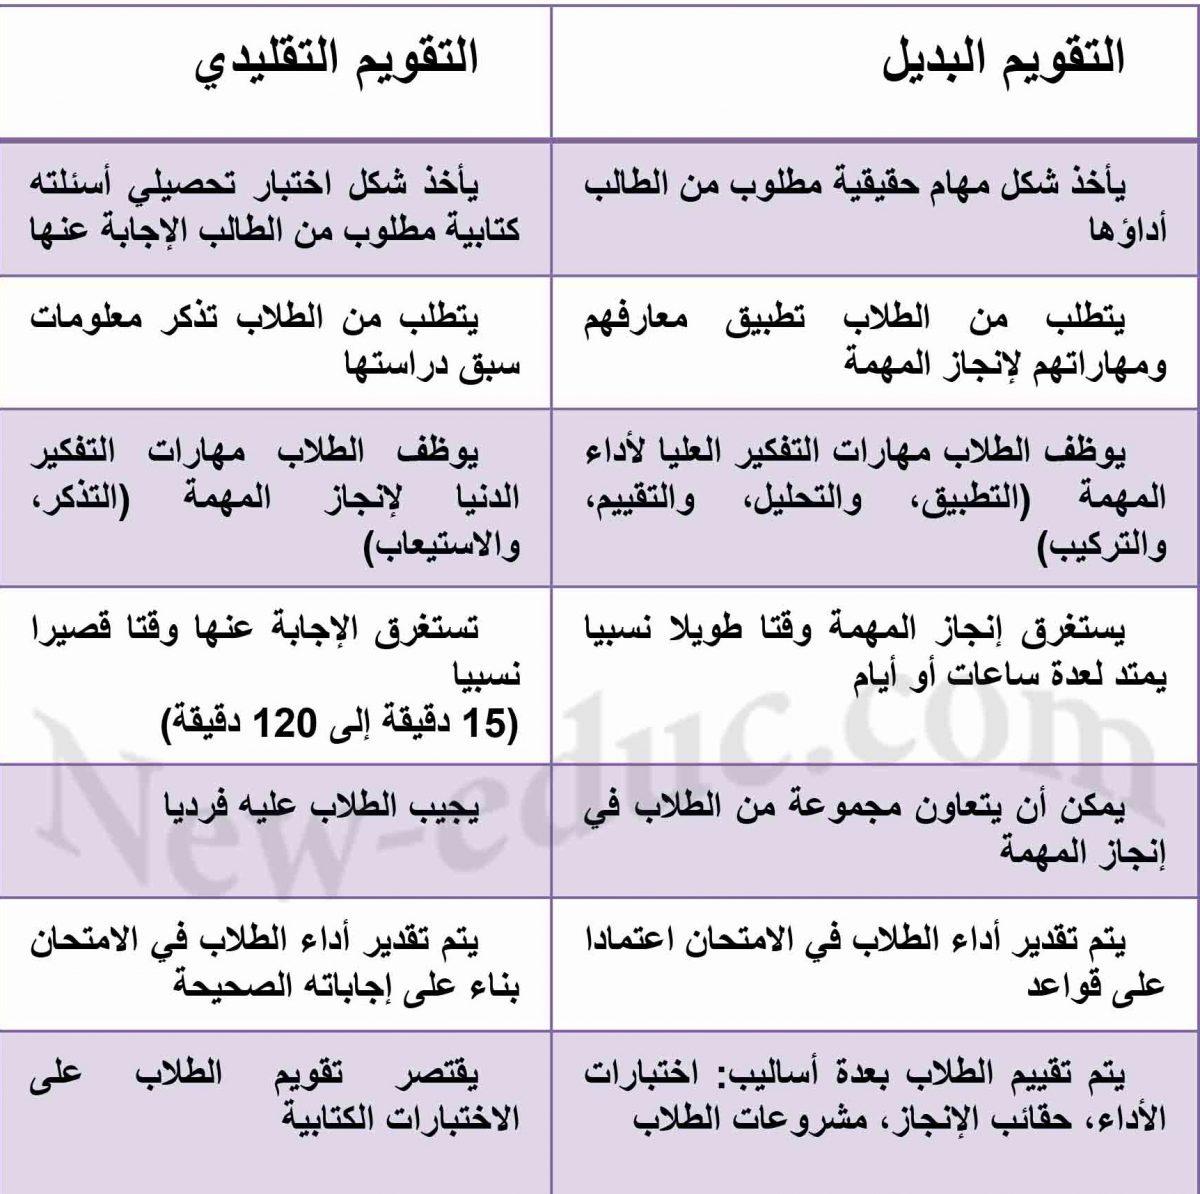 التقويم البديل pdf